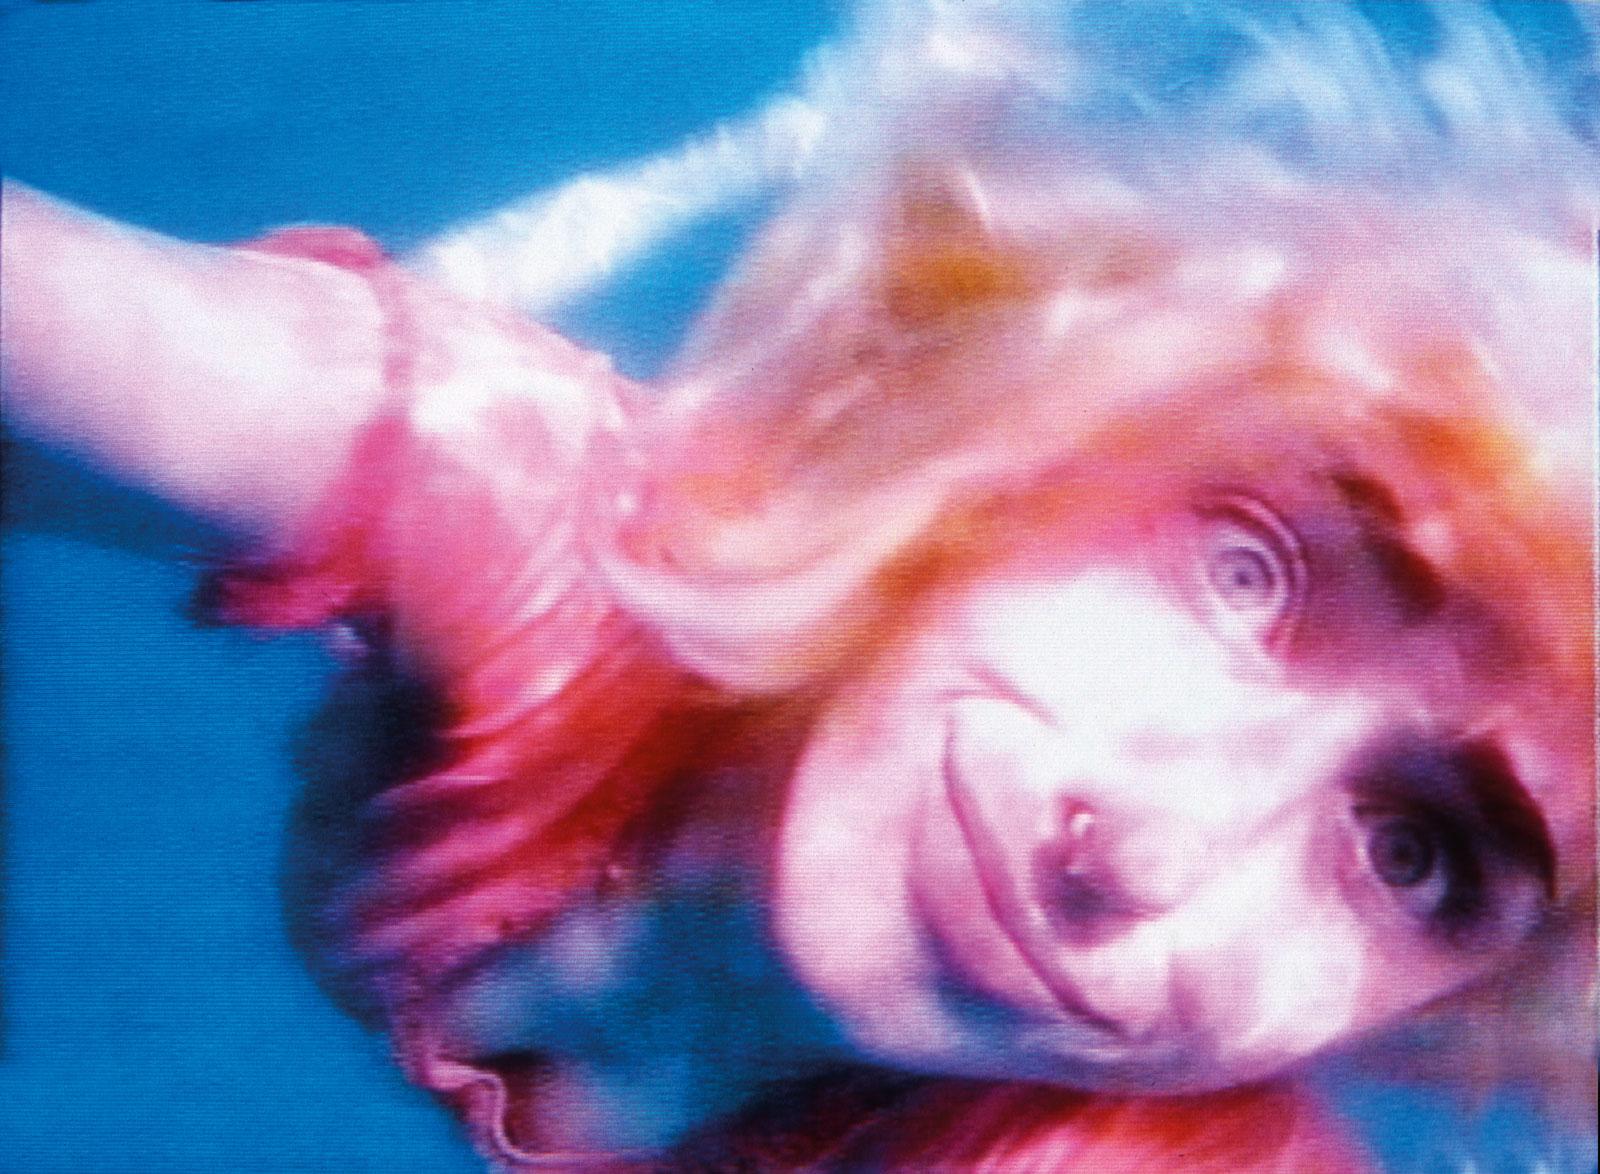 Still from Pipilotti Rist's Sip My Ocean, 1996